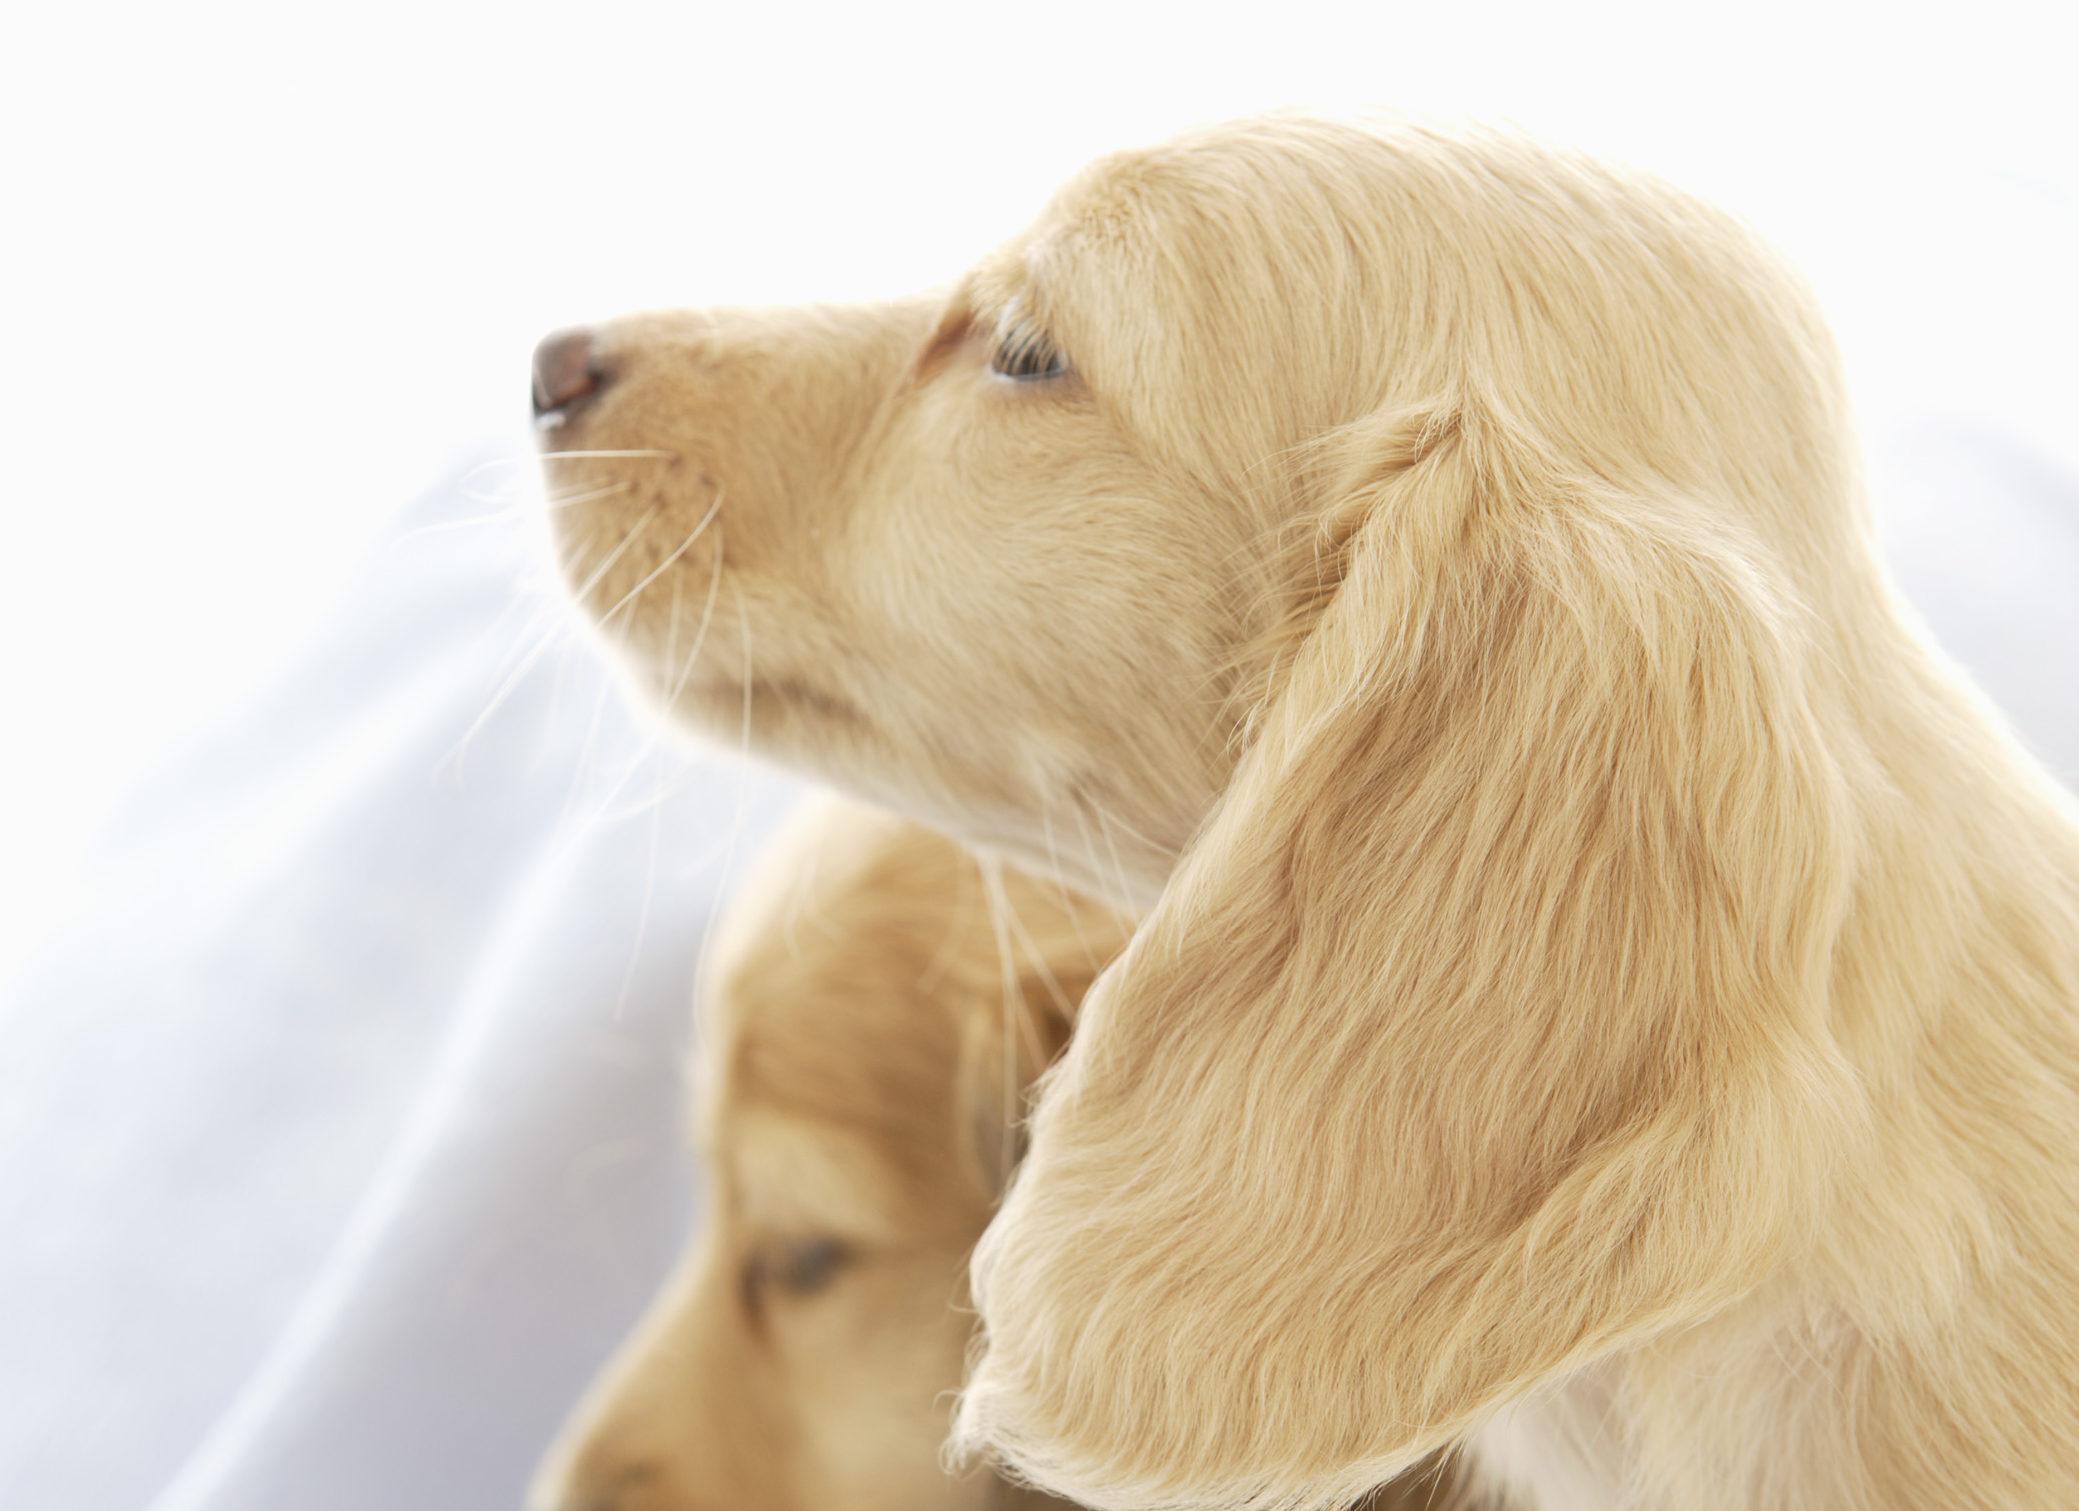 犬の乾燥肌・皮膚トラブルの対策法とオススメの保湿剤